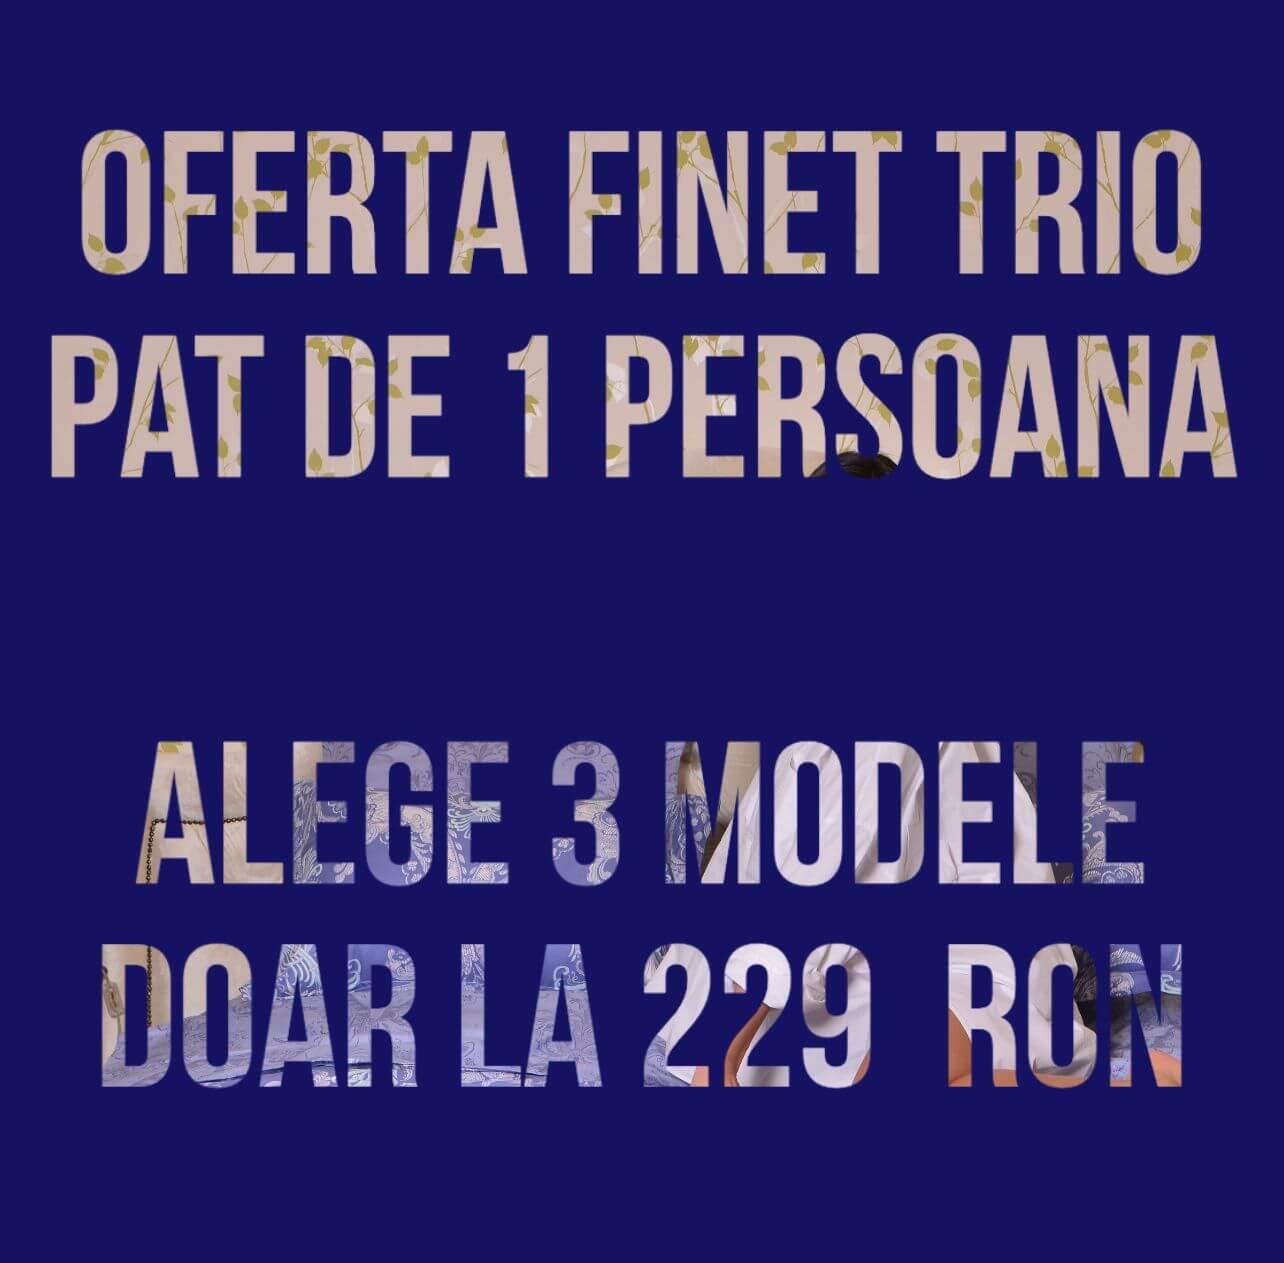 oferta-trio-finet-1-pers